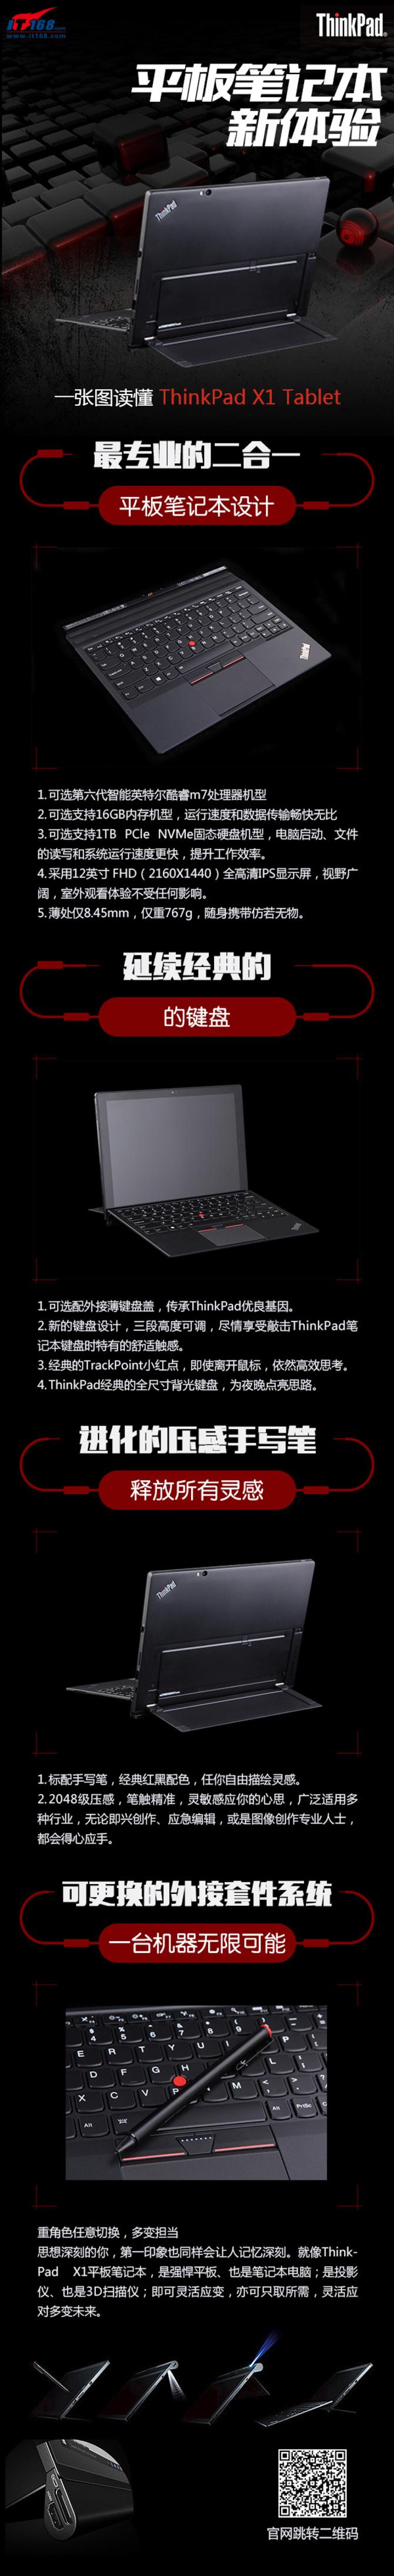 新体验 一张图读懂ThinkPad X1 Tablet